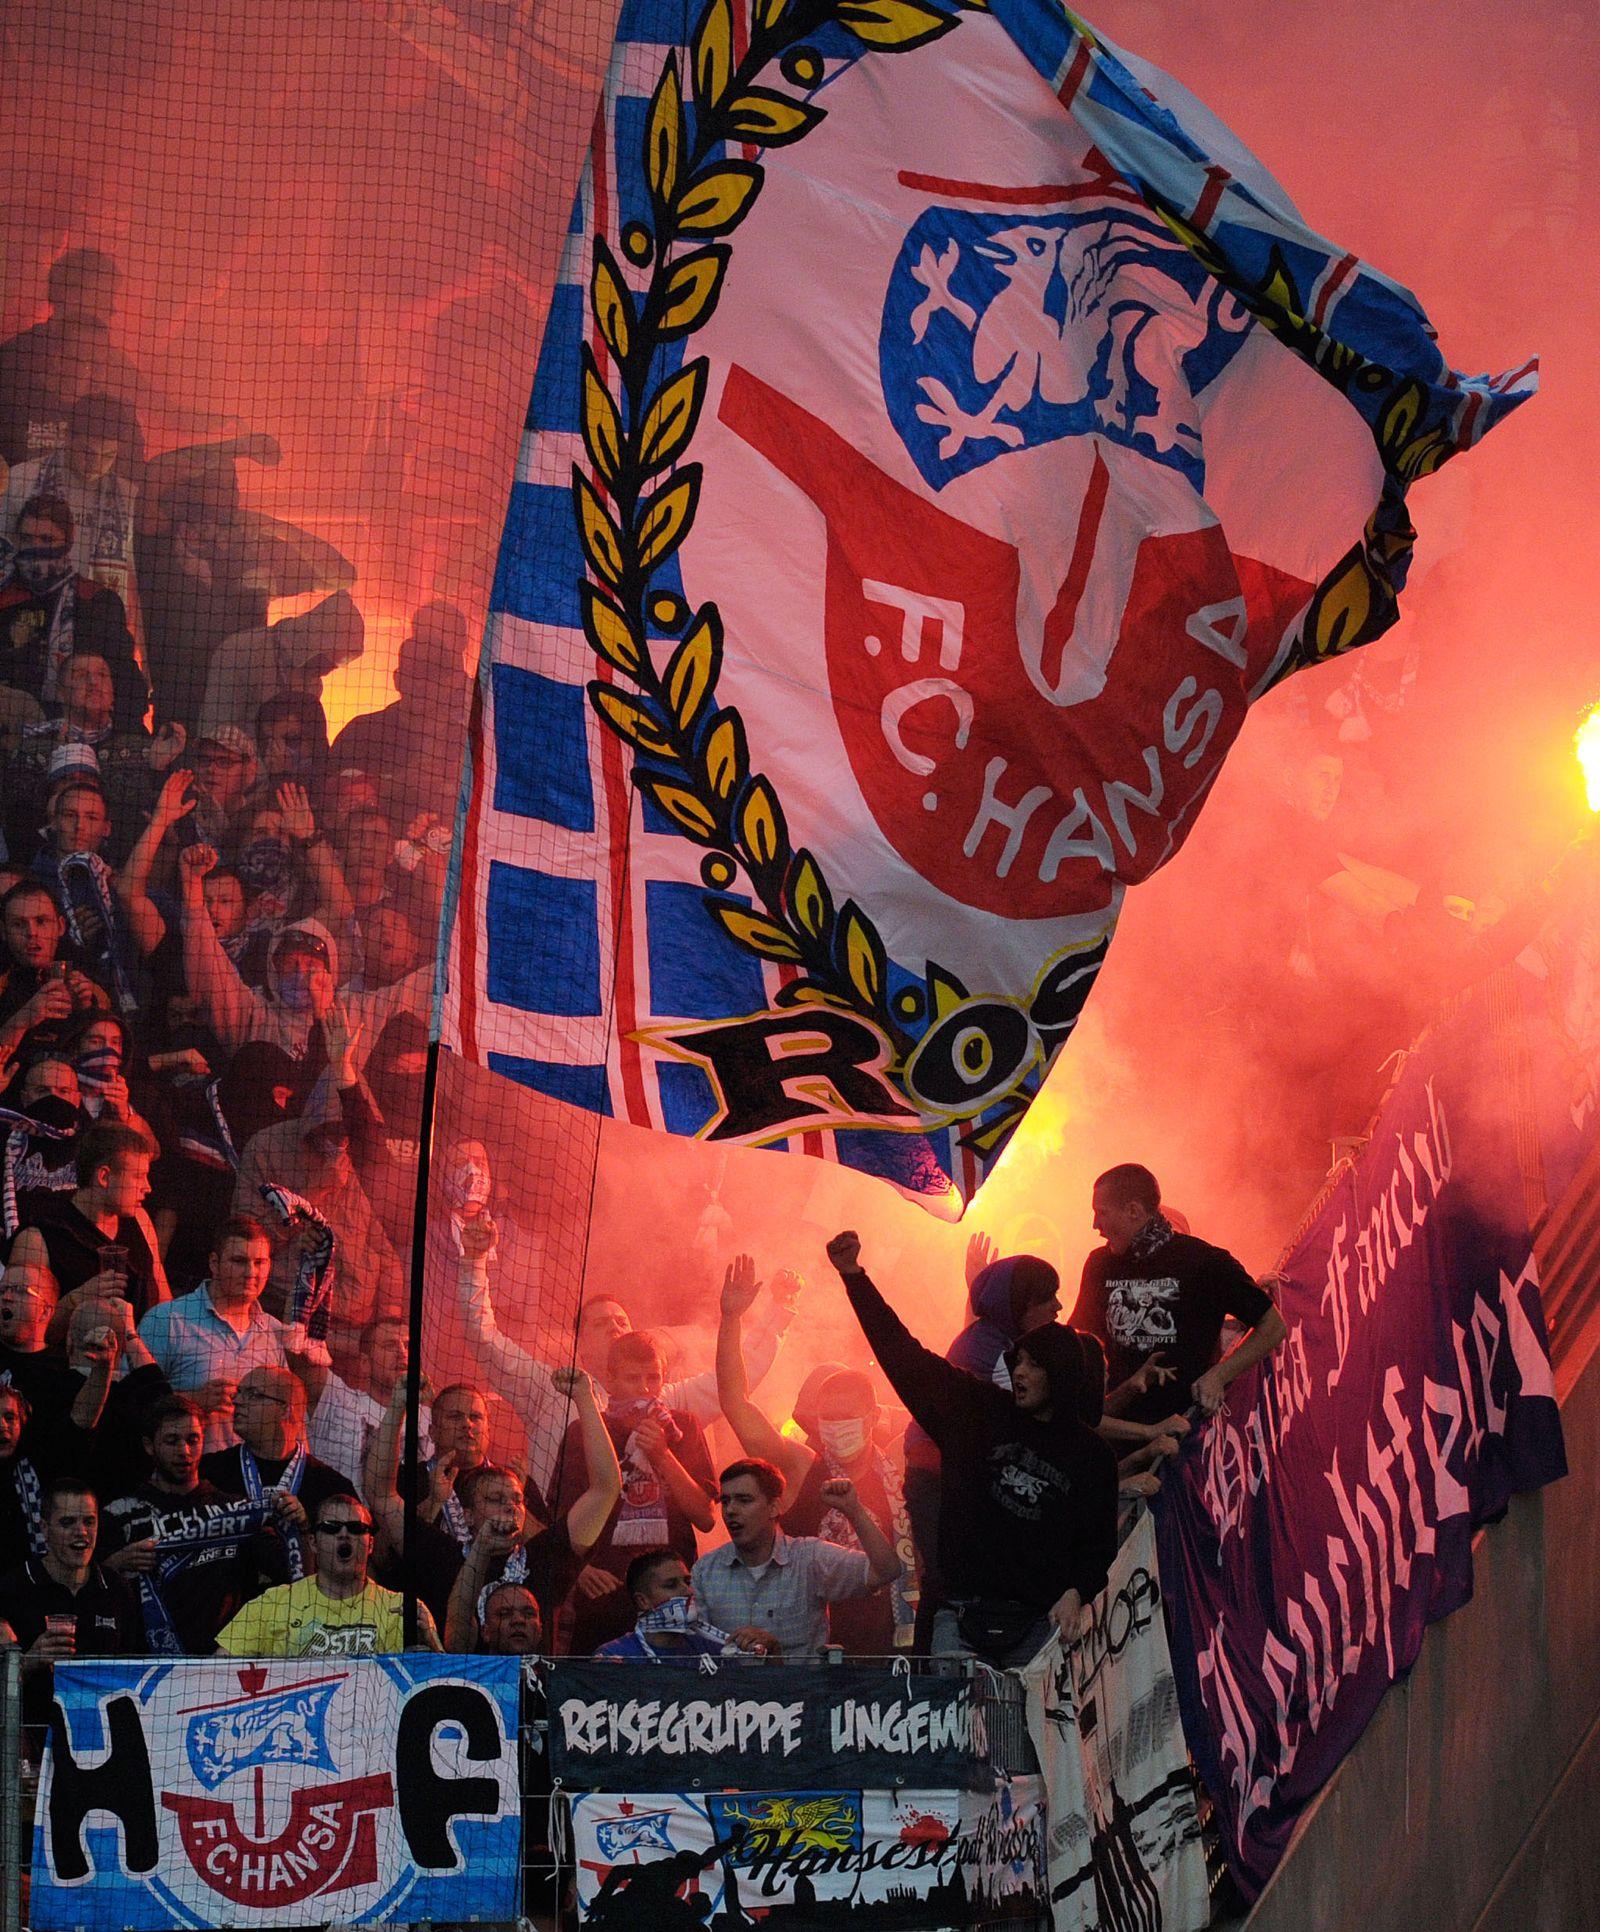 NICHT VERWENDEN Rostock-Fans Pyrotechnik